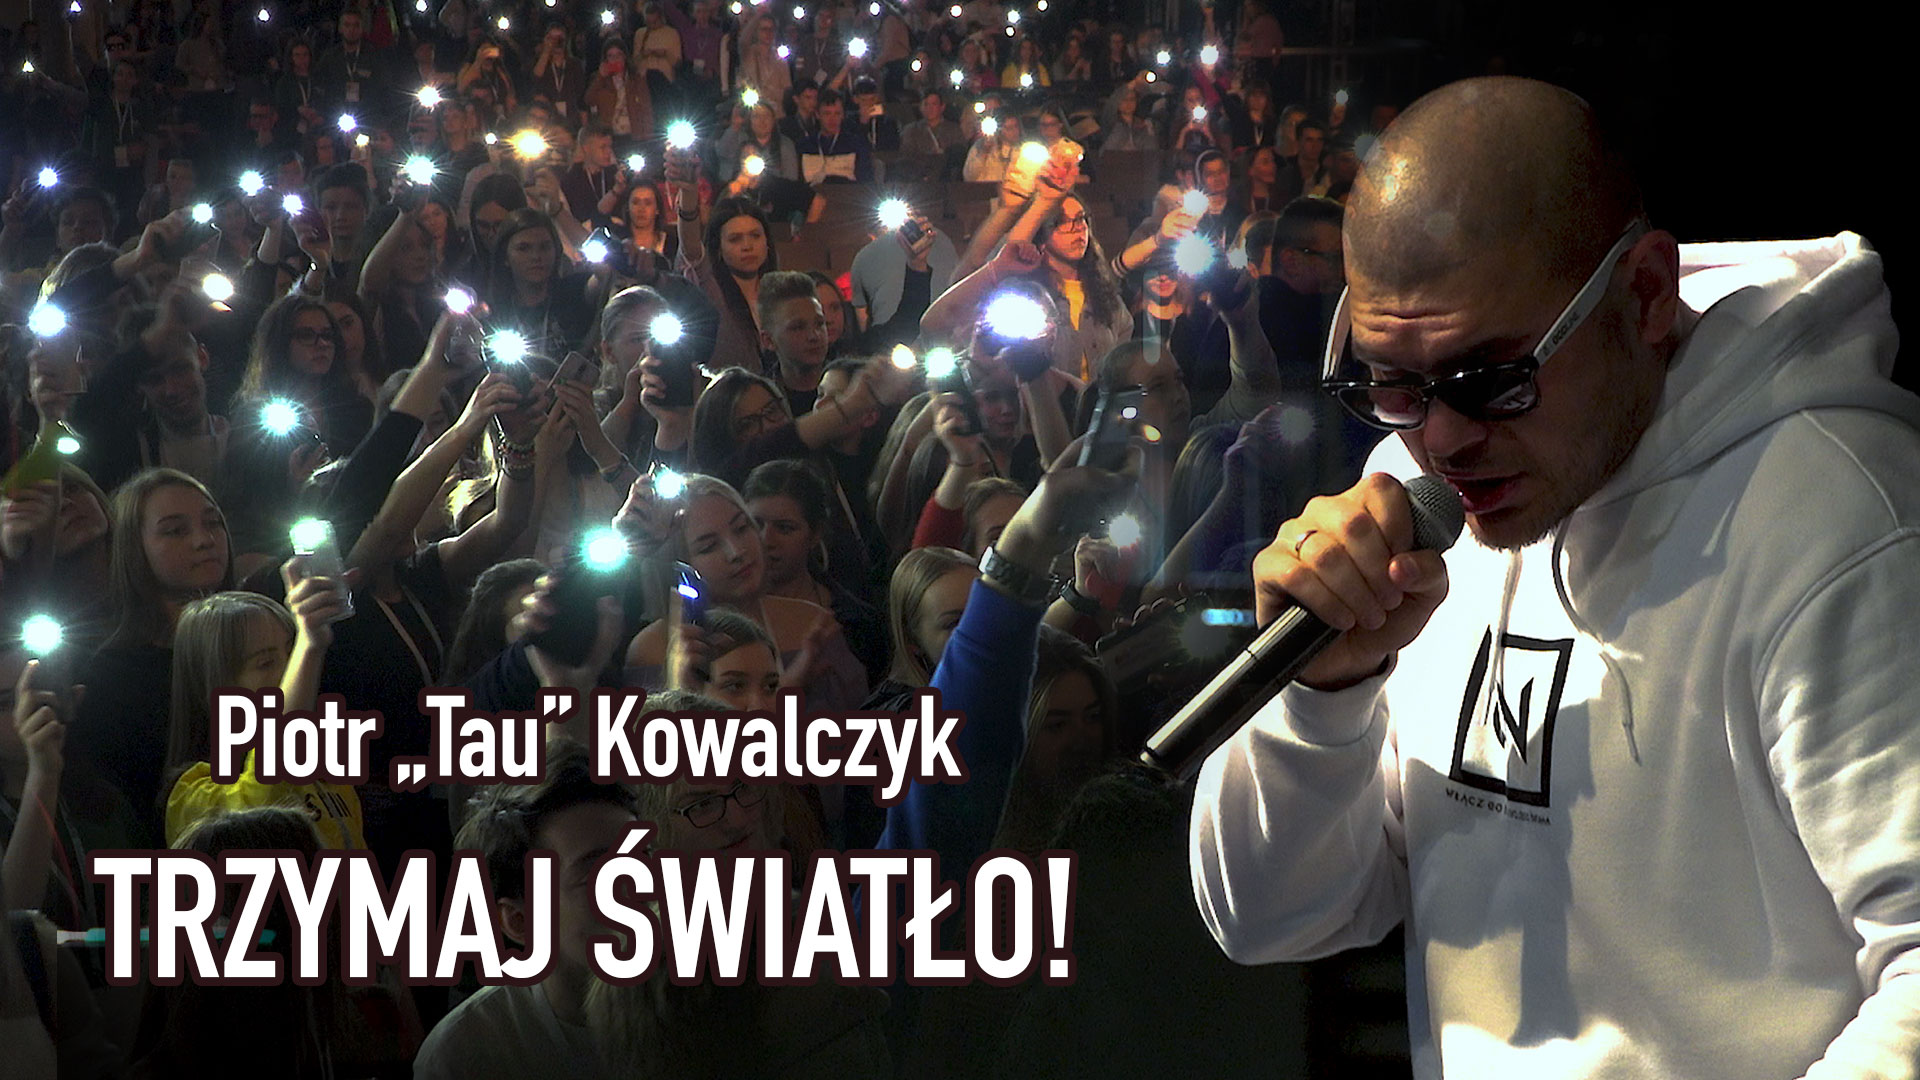 Piotr TAU Kowalczyk